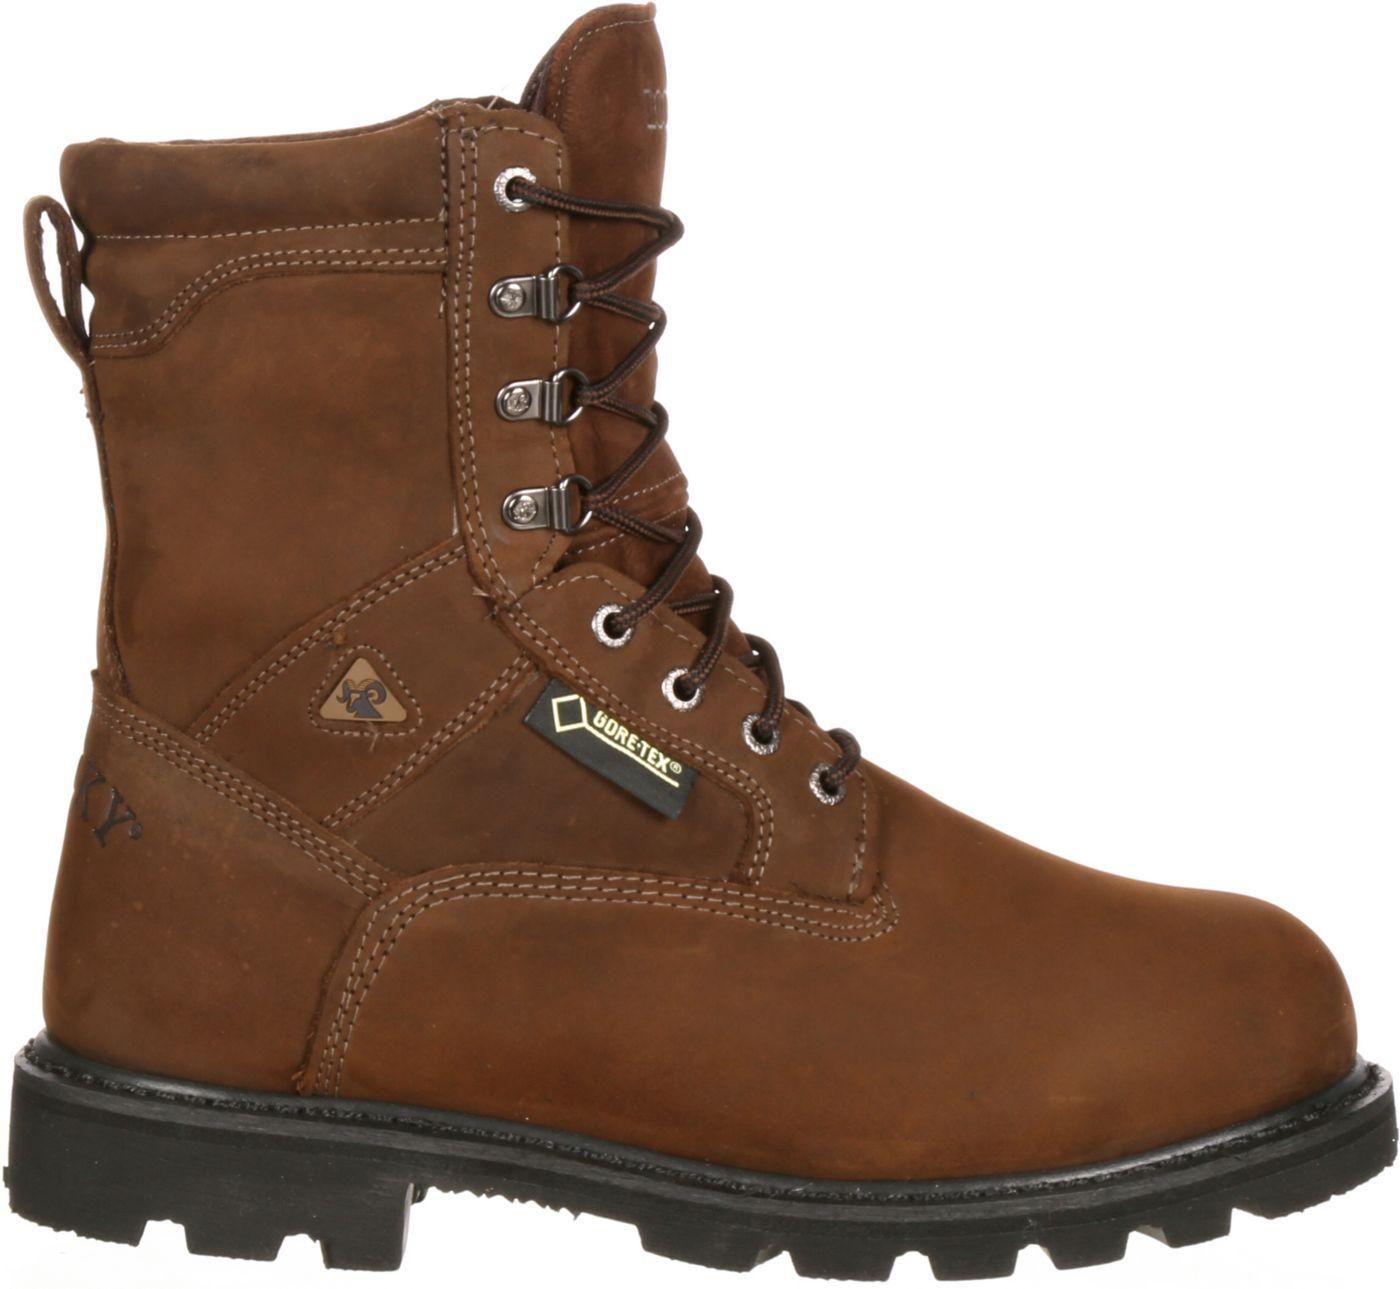 Rocky Men's Original Ranger GORE-TEX 600g Steel Toe Work Boots